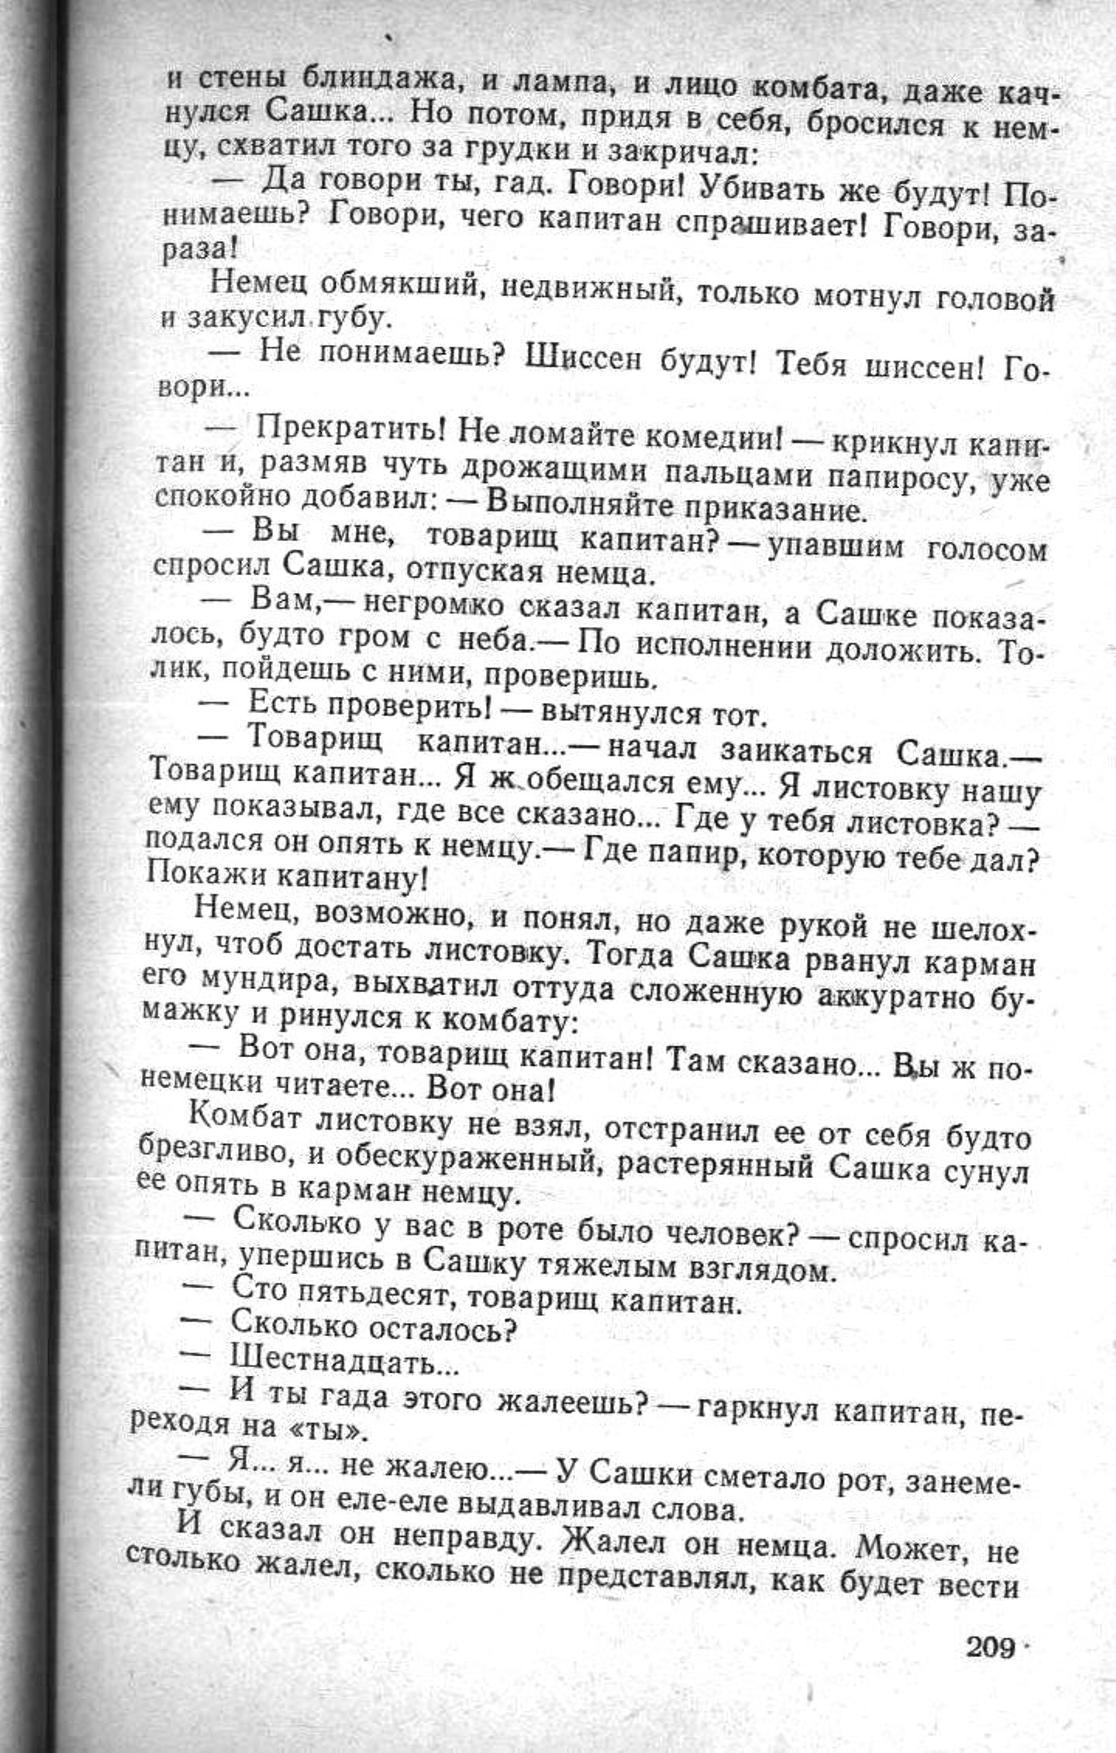 Сашка. Повесть. Вячеслав Кондратьев. 004. 002